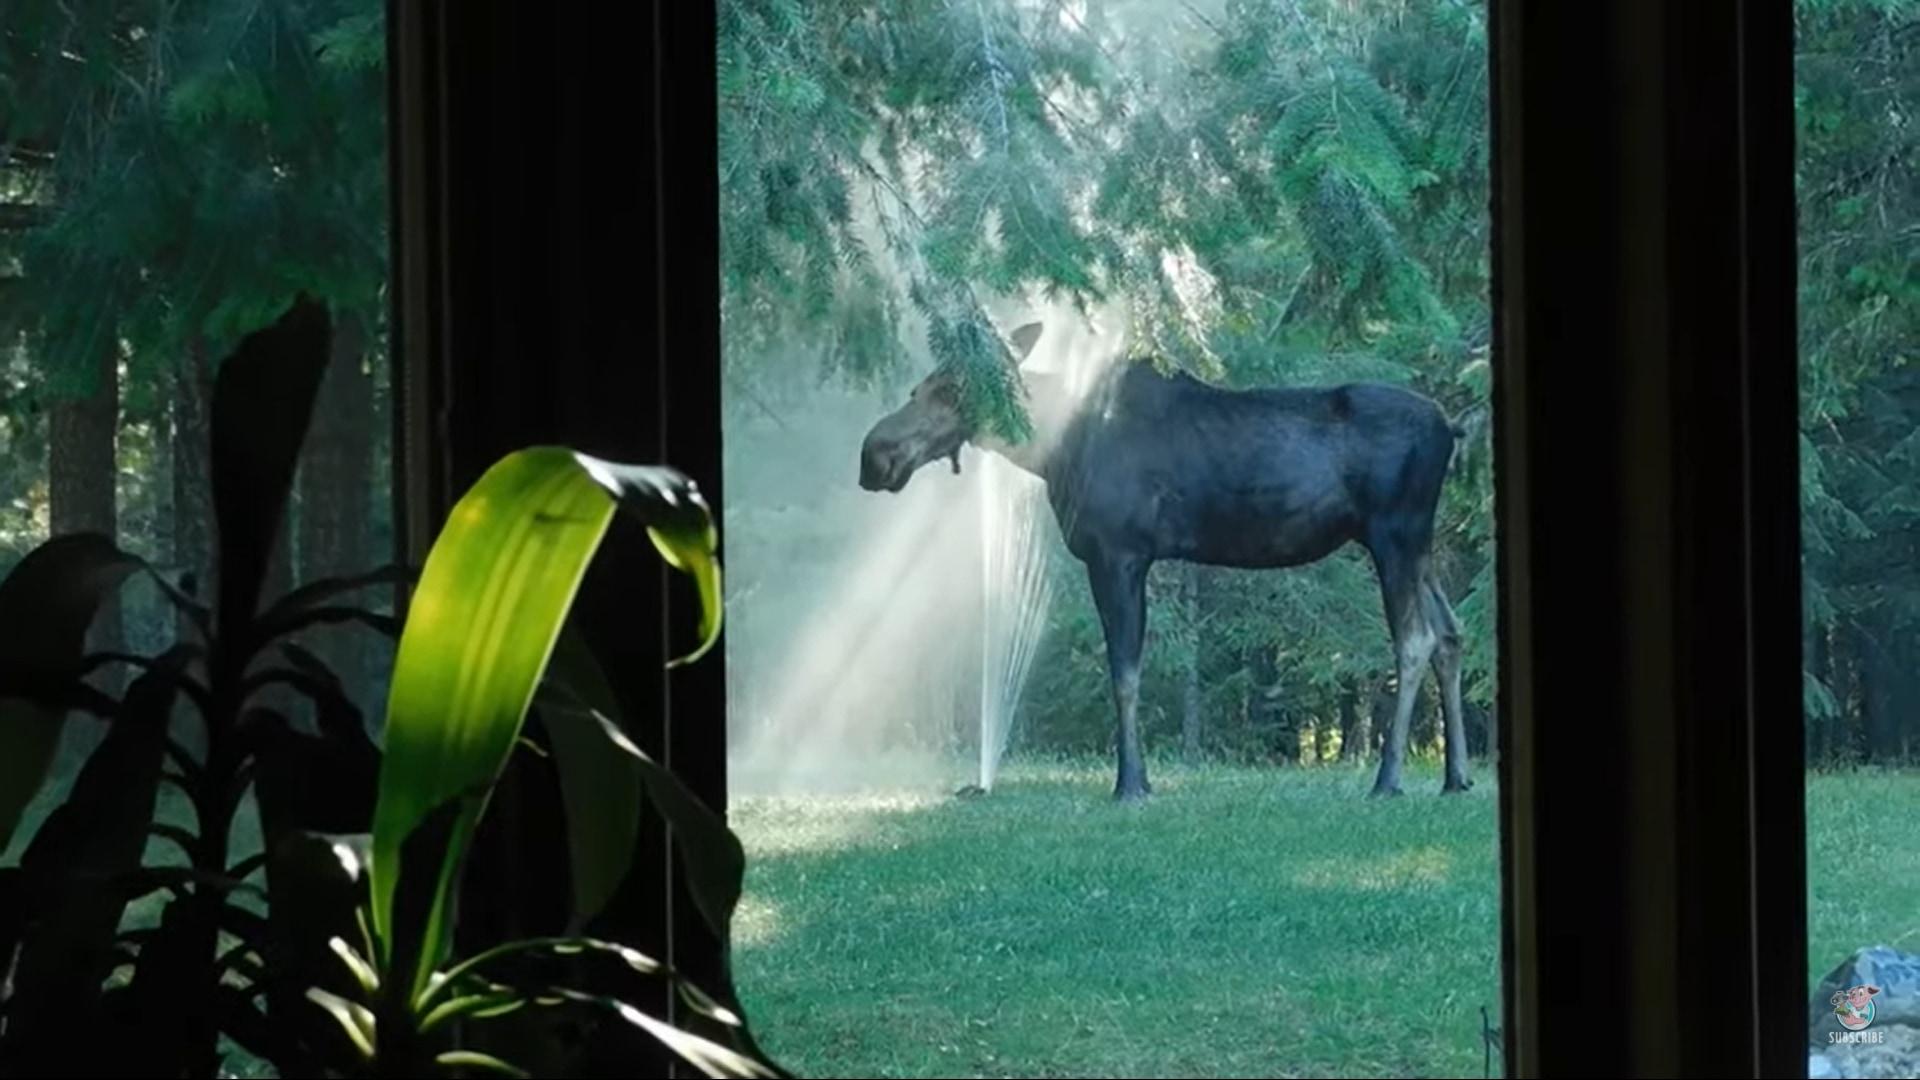 木漏れ日もあって幻想的。スプリンクラーで水浴びをするヘラジカ